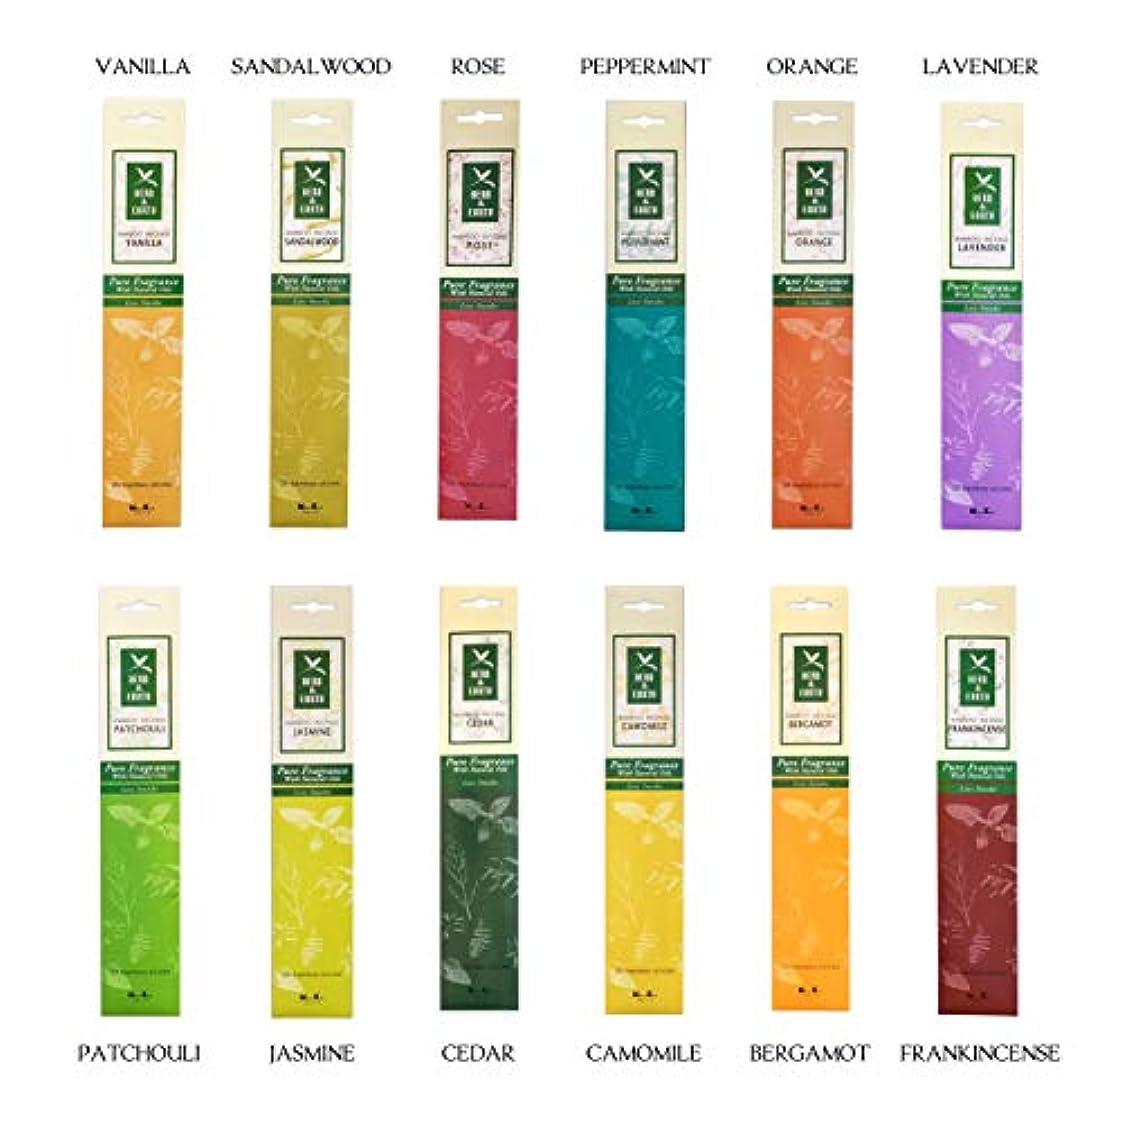 リー豊富に納屋ニッポン コドー ハーブ & アース コレクション 12の香り X 20本 (ラベンダー、ローズ、ベルガモット、サンダルウッド、シダー、ペパーミント、オレンジ、カモミール、ジャスミン、パチョリ、バニラ、フランキンセンス)